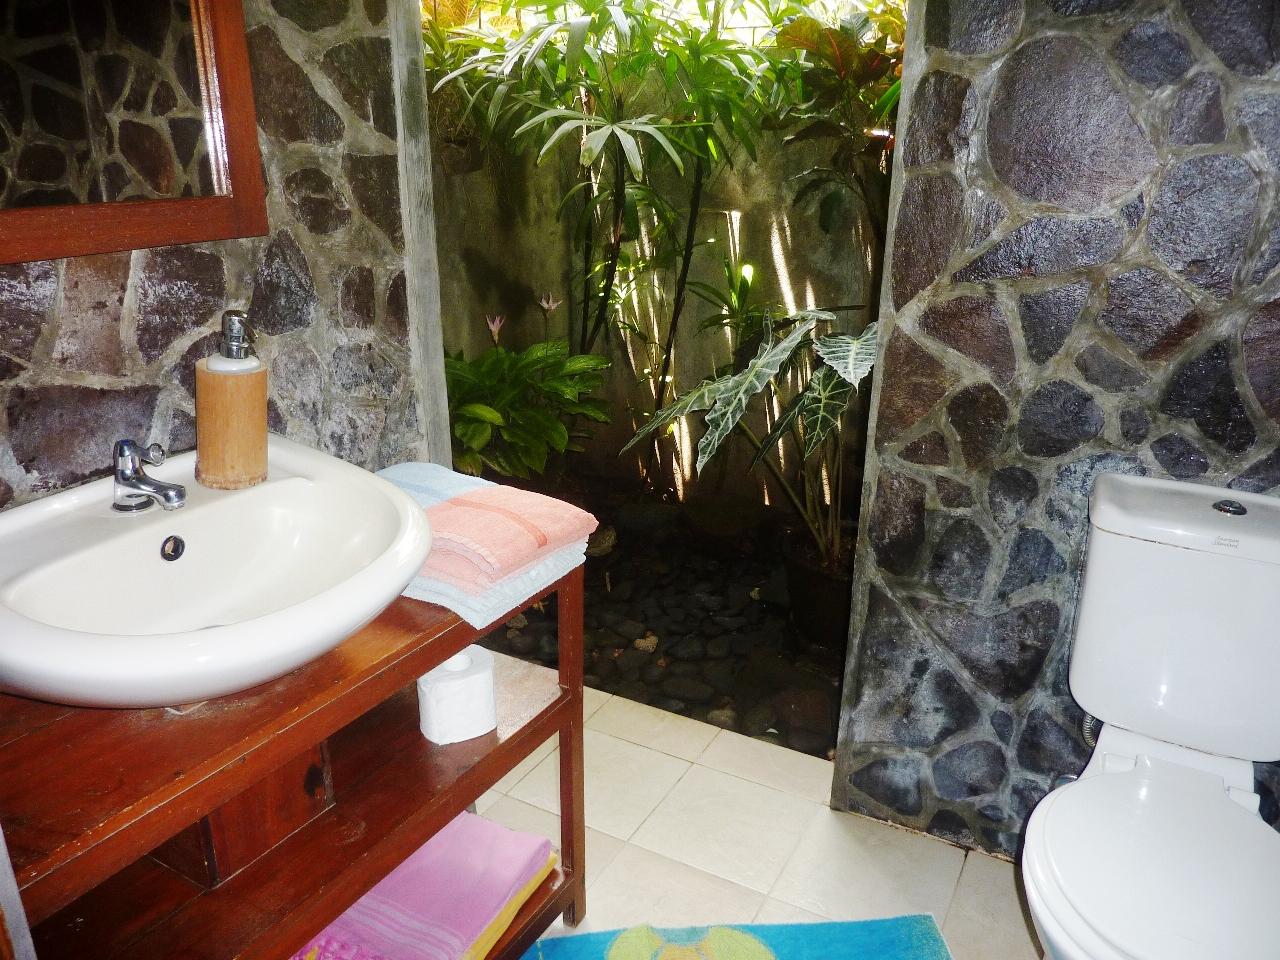 Bathroom with an inner garden